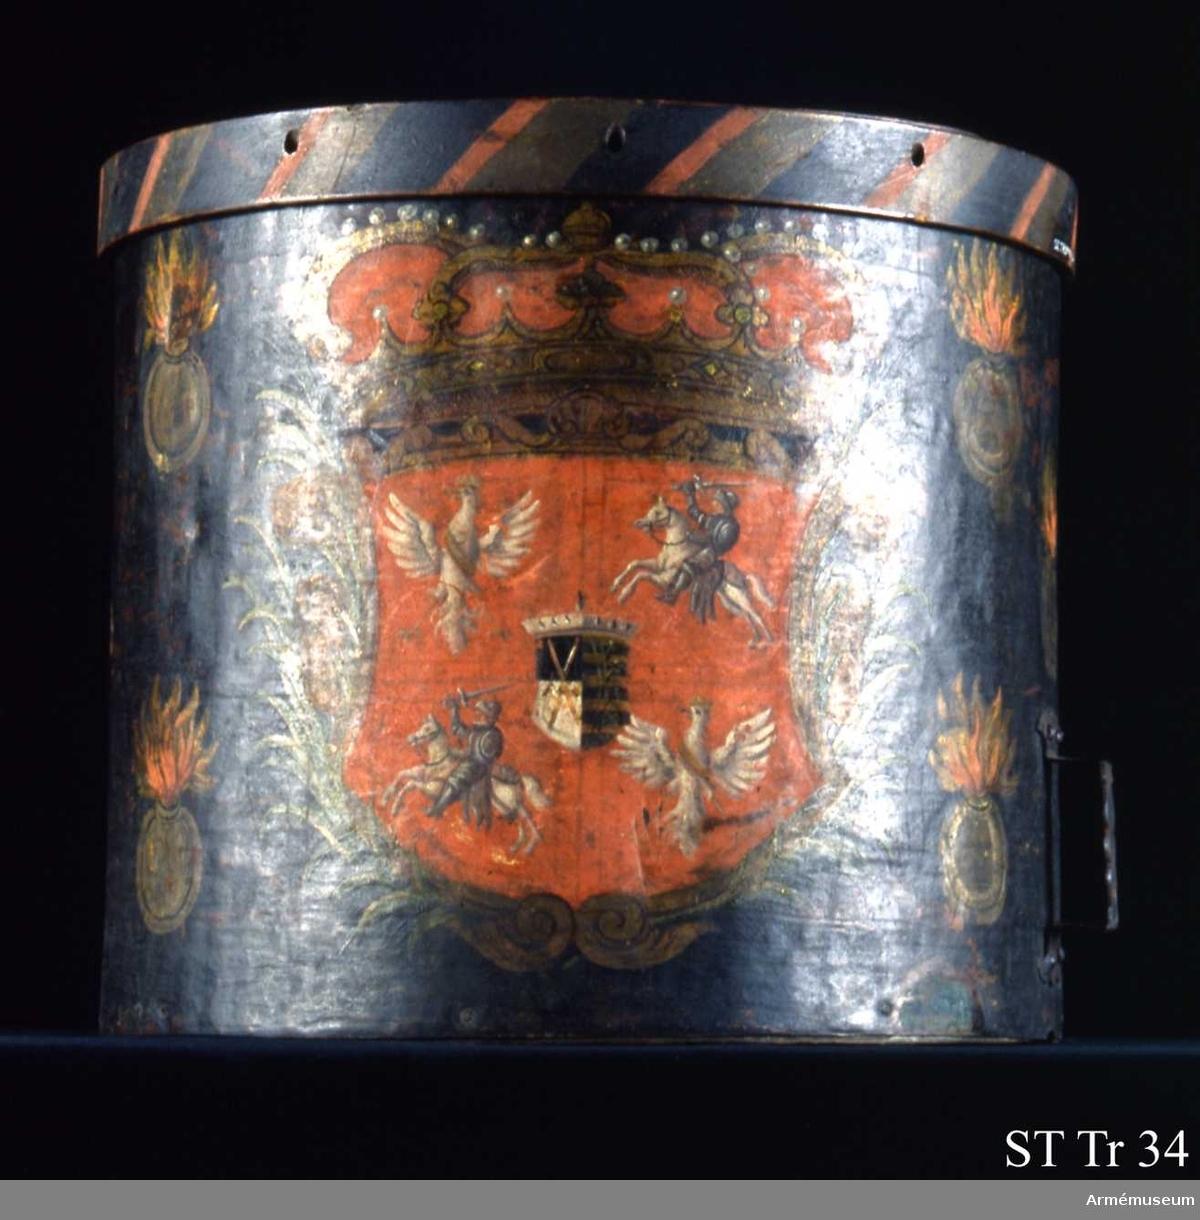 Cylindern dekorerad med en krönt vapensköld med det polsk-litauiska riksvapnet samt det sachsiska vapnet i hjärtskölden omgivet av palmkvistar och rykande granater. Av inslagna punkter och romerska siffror vid cylinderns skarv och veckelgjordar framgår det att trumman ingår i en serie om ursprungligen sex stycken varav denna är nummer VI. Membraner saknas. Cylinder av koppar, veckelgjordar av trä, sejarhållare (handtag) av järn.